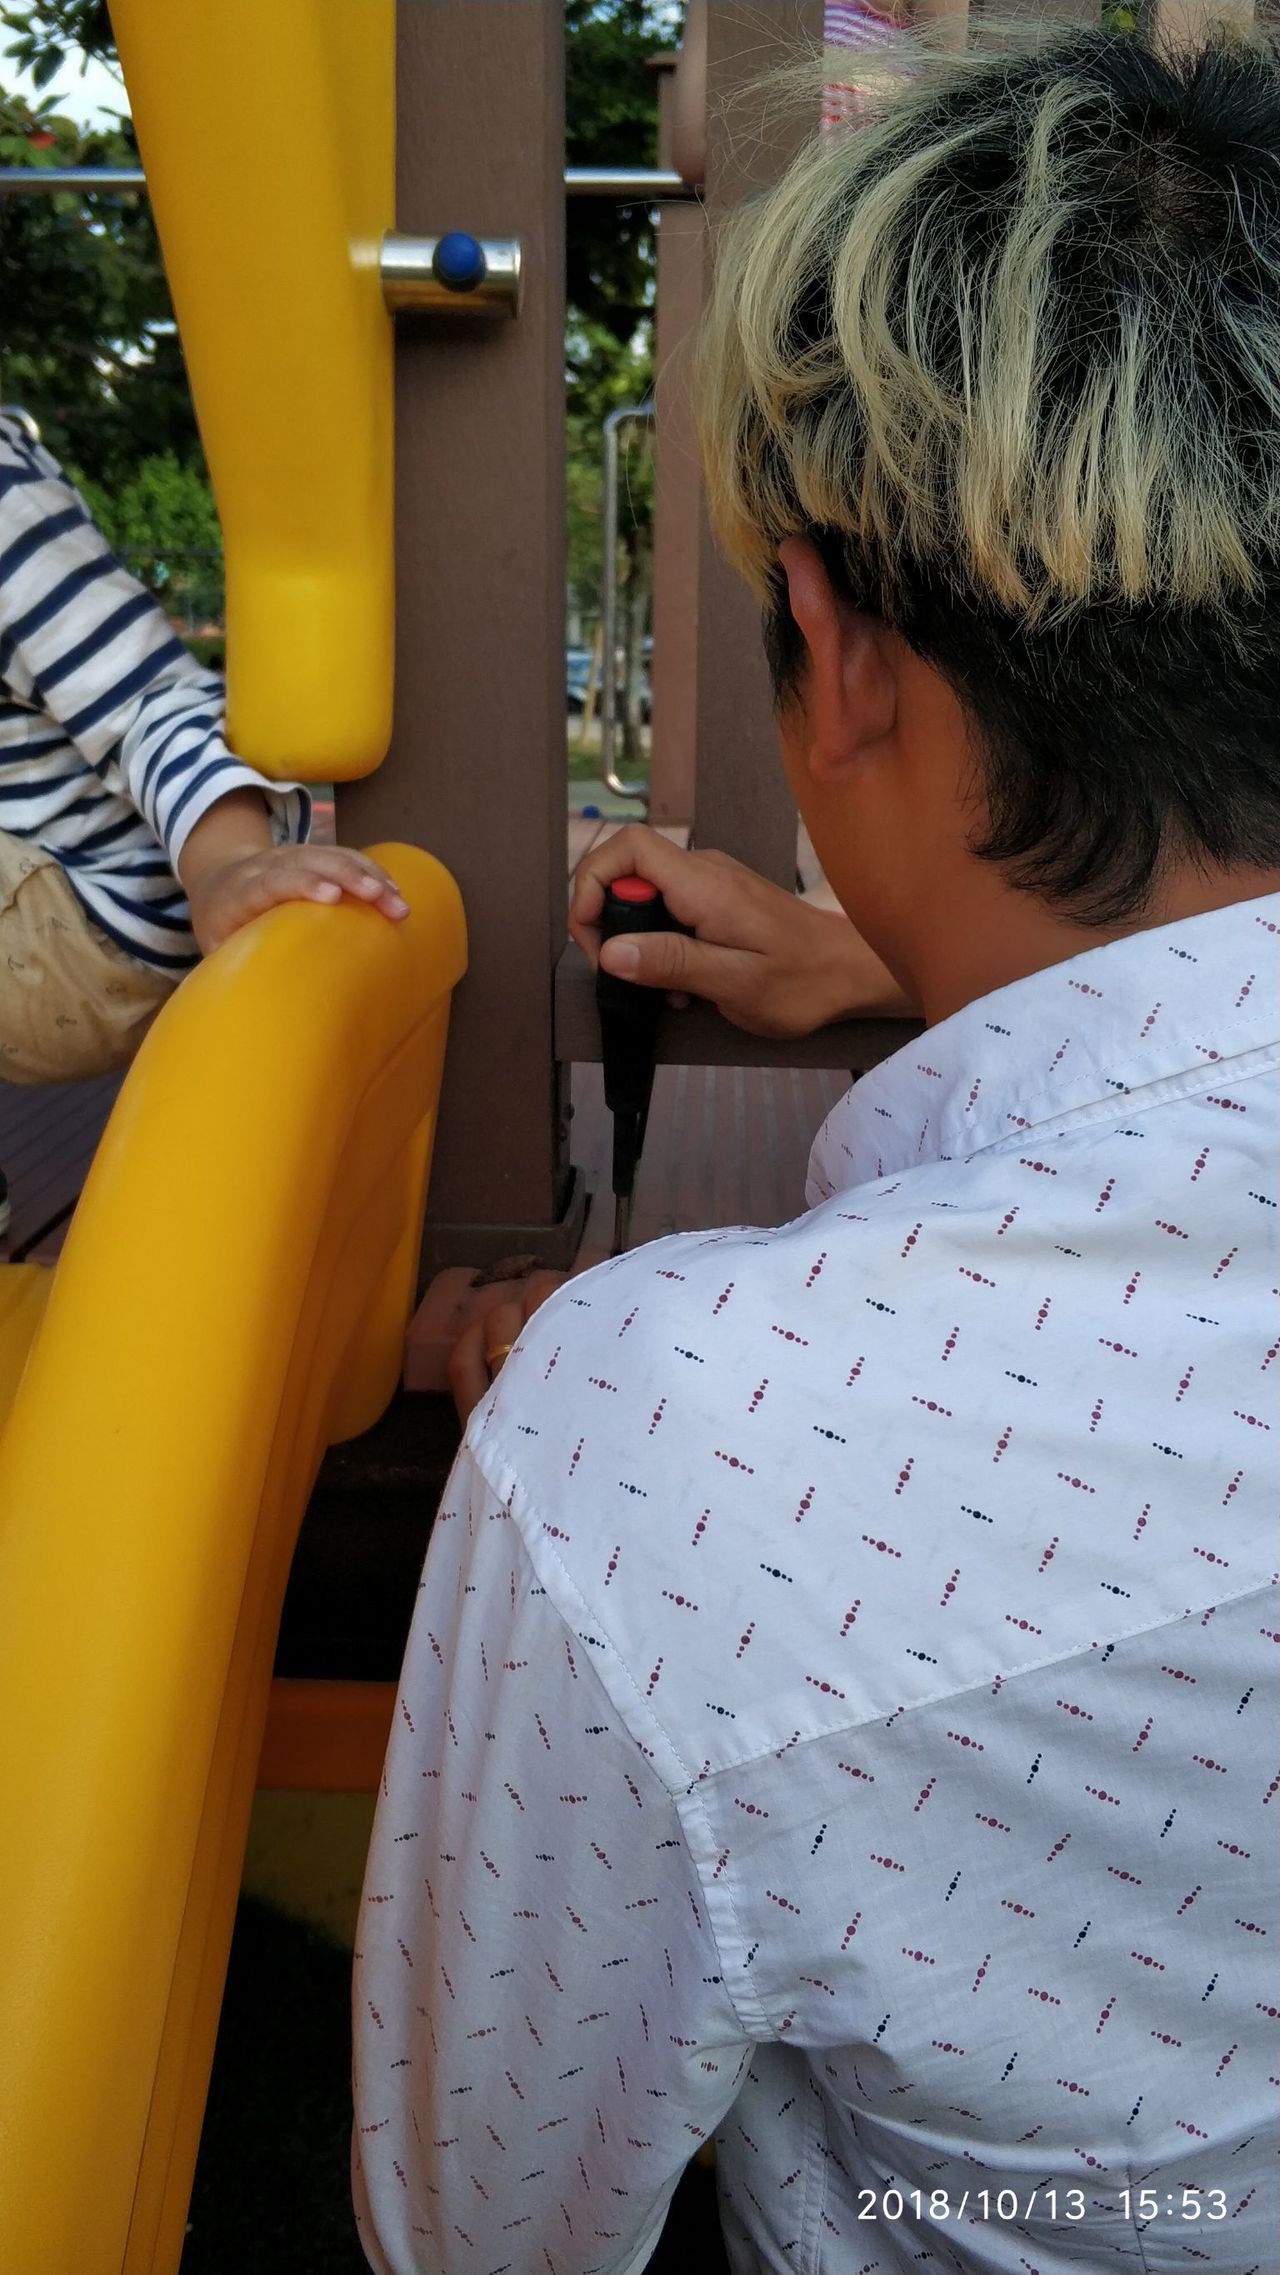 嘉義市政府建設處公園管理科長陳嘉麗說,許多小缺失現場同仁持續處理、改善,絕不拖延...